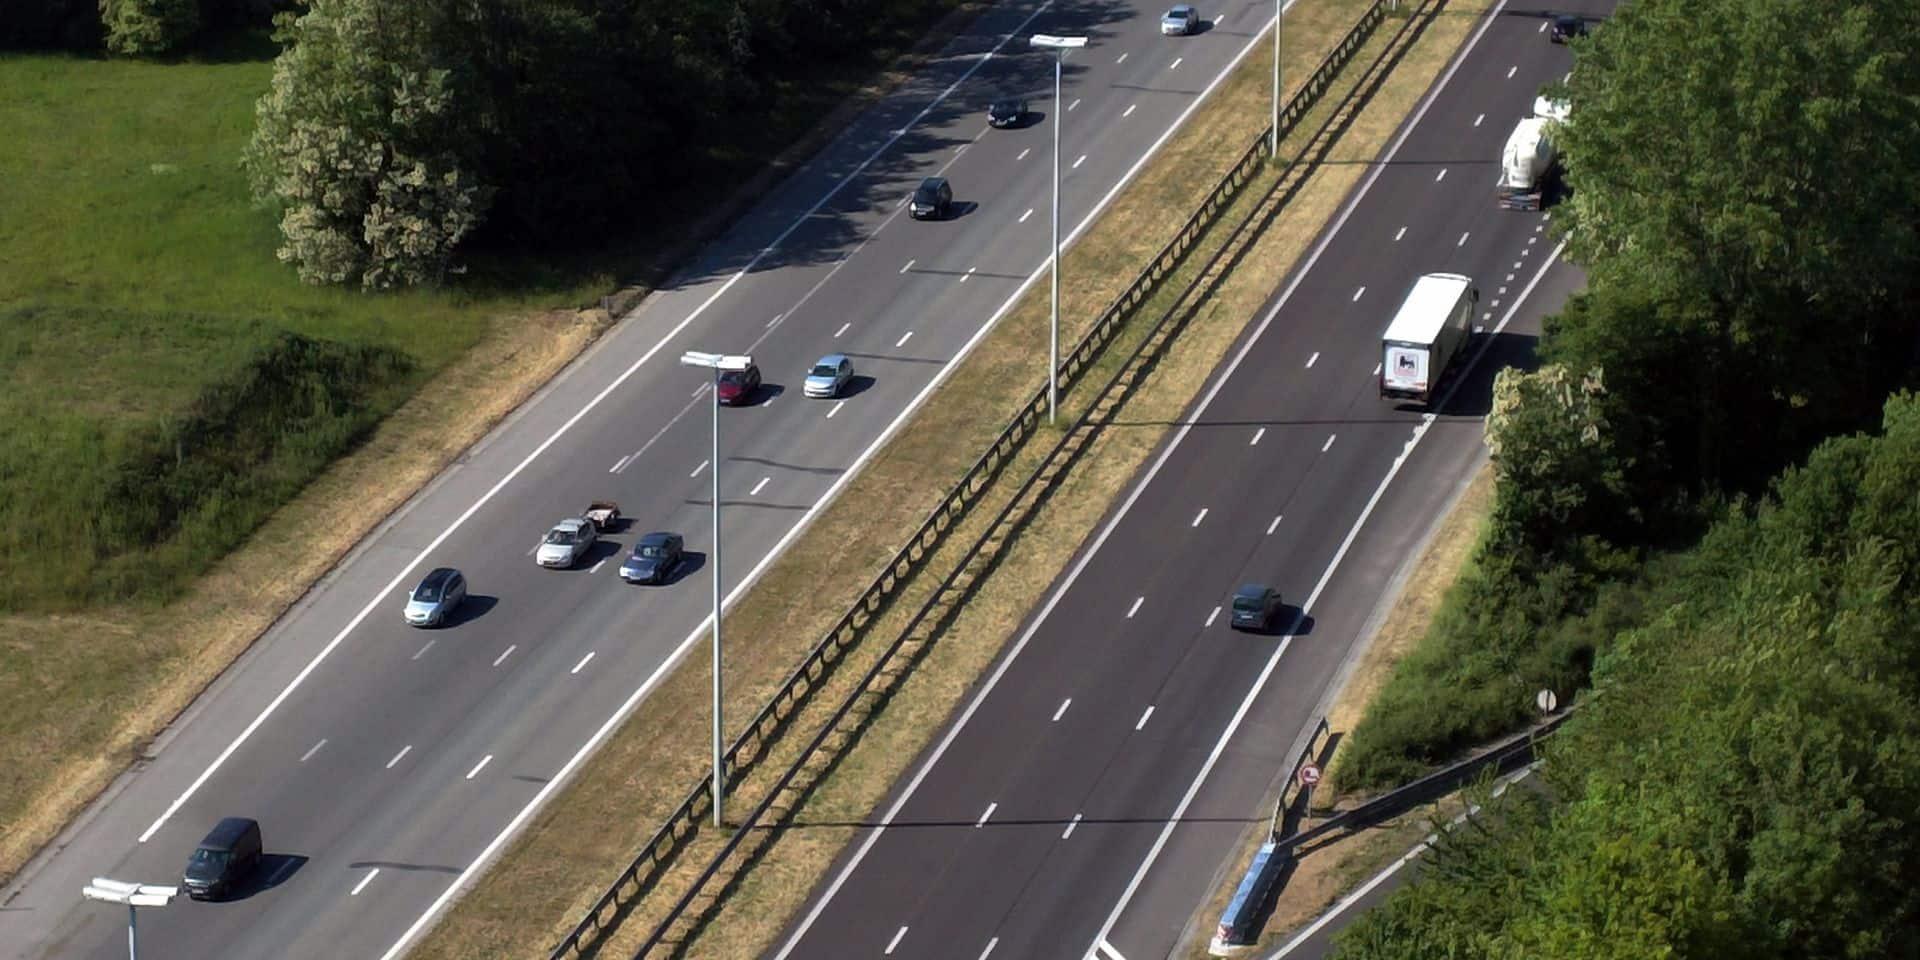 Des vitesses variables sur les autoroutes en fonction des circonstances? La Wallonie y est favorable